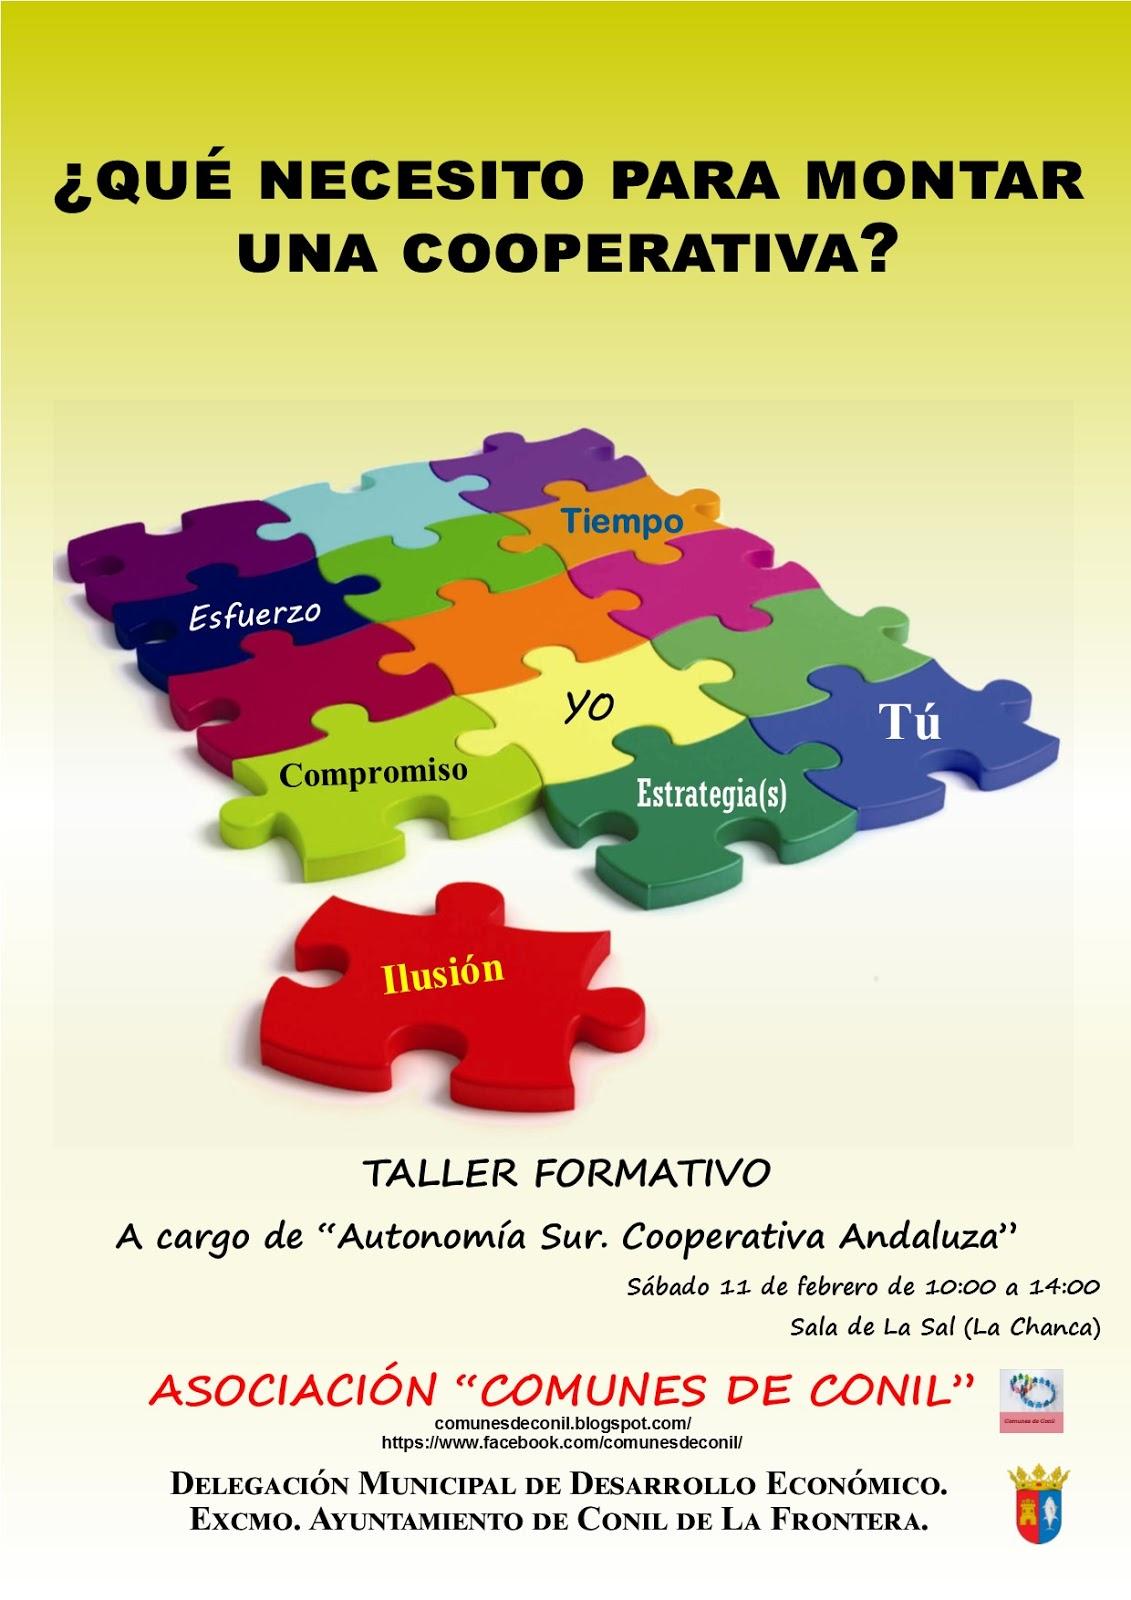 Comunes de conil qu necesito para montar una cooperativa - Que necesito para pedir una hipoteca ...